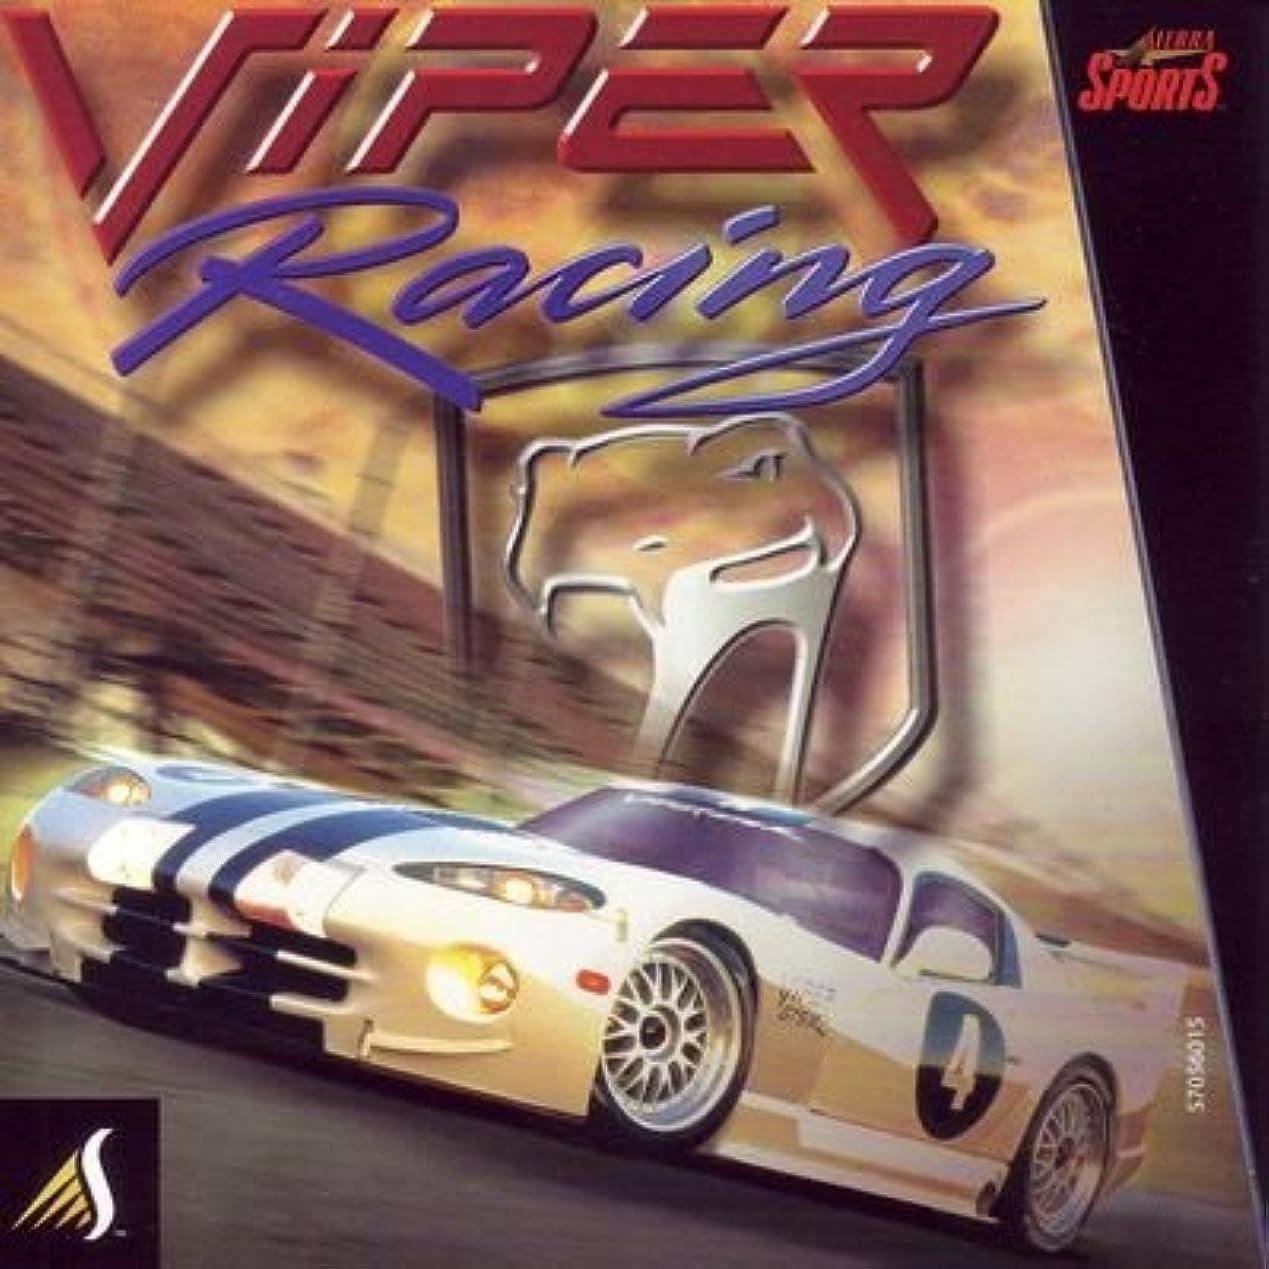 実行ダンプに負けるSierra Sports: Viper Racing / Game